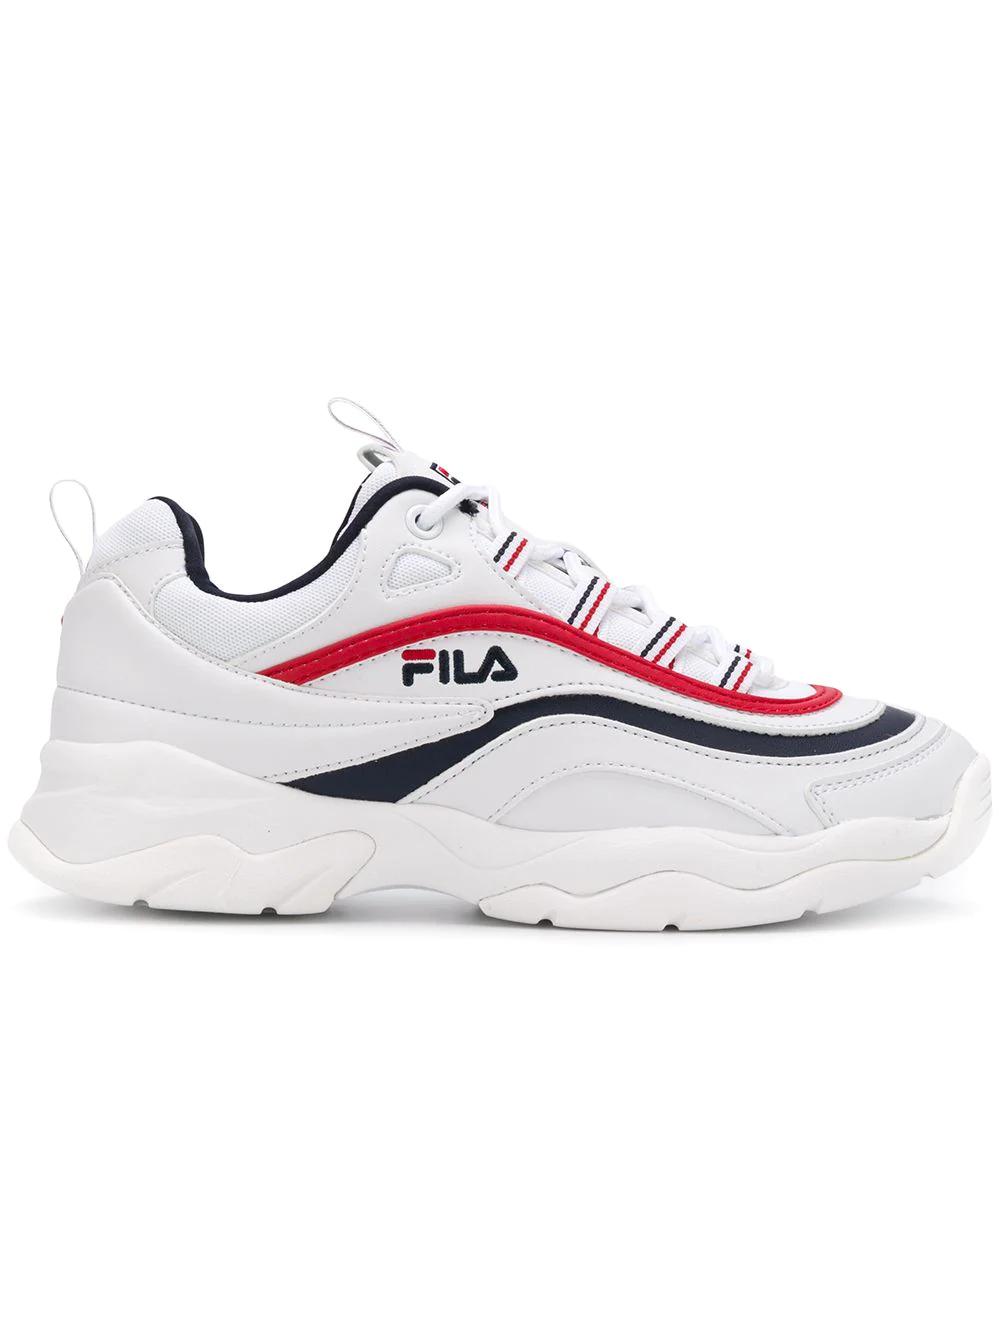 FILA | кроссовки 'Ray' на шнуровке | Clouty